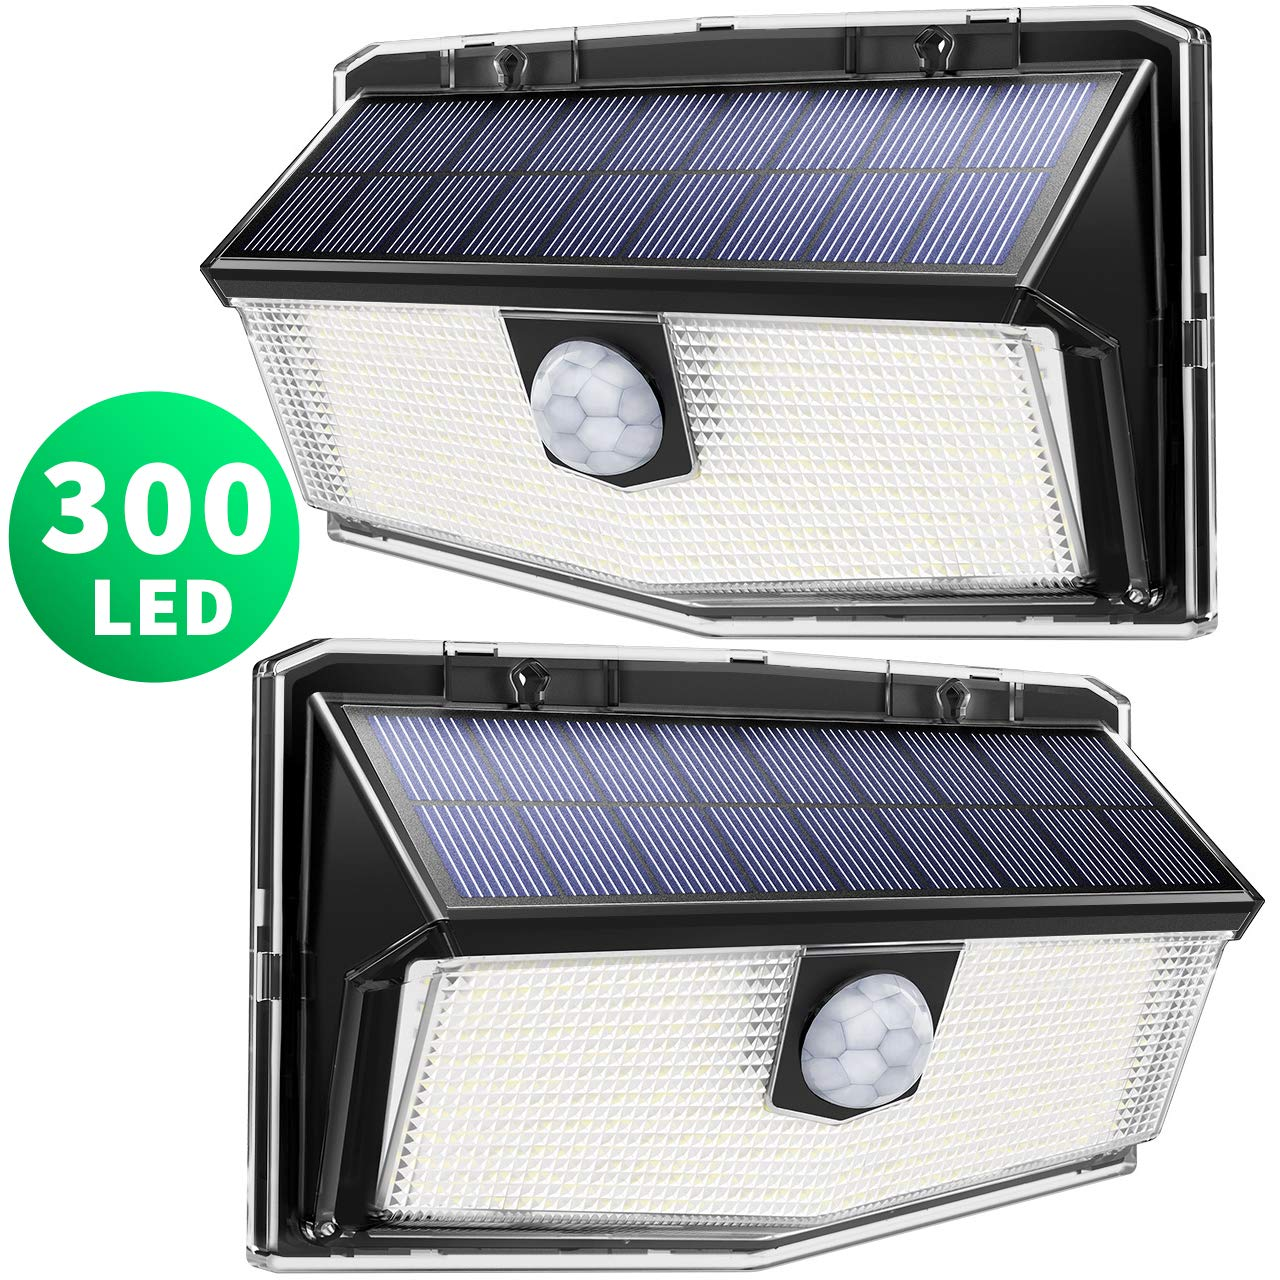 Mpow 300 LED Lampe Solaire Ext/érieur Puissante /Étanche IPX7 Lumi/ère S/écurit/é de D/étecteur de Mouvement PIR Sensible /à Grand Angle 270/° en Appliqu/ée Mur Cour Terrasse Entr/ée Parking All/&eacu